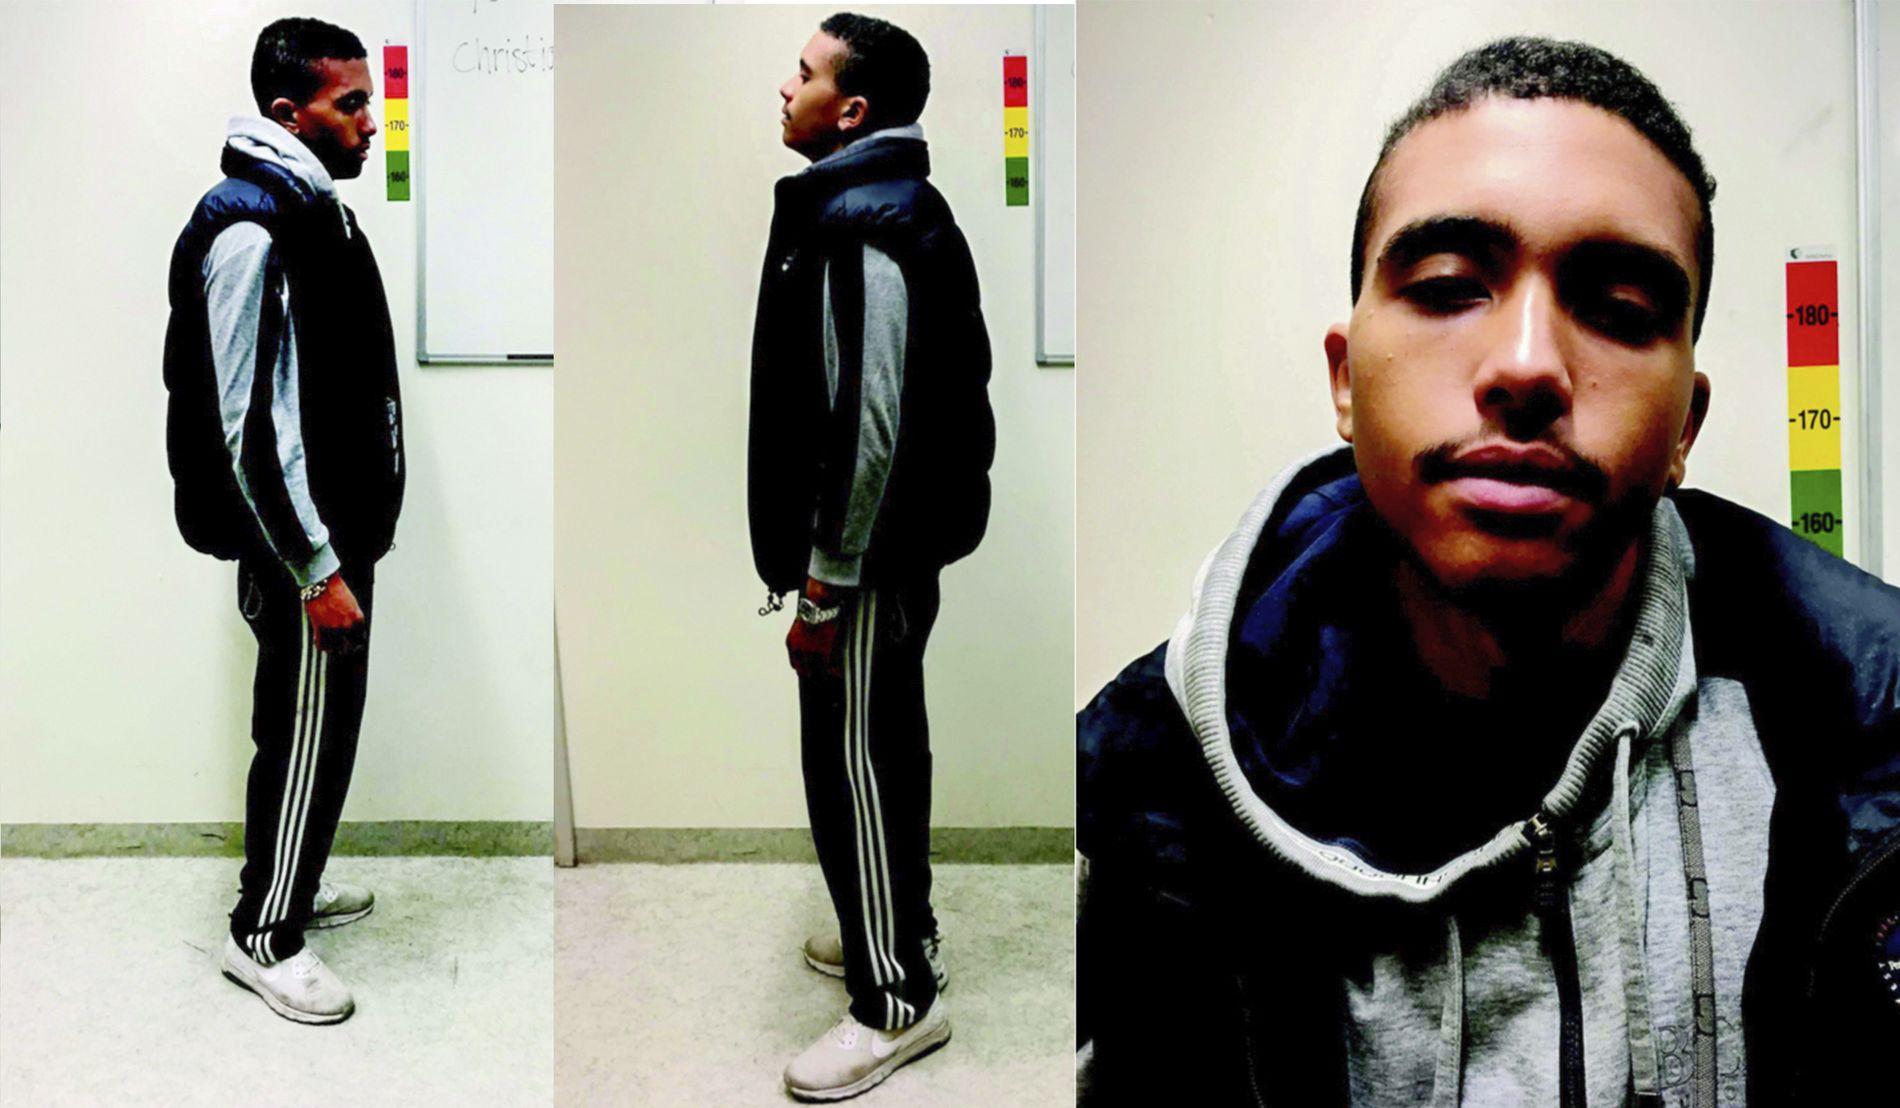 ETTERLYST: Makaveli Lindén (20) er mistenkt for drapet på 24 år gamle Heikki Bjørklund Paltto på Majorstuen.